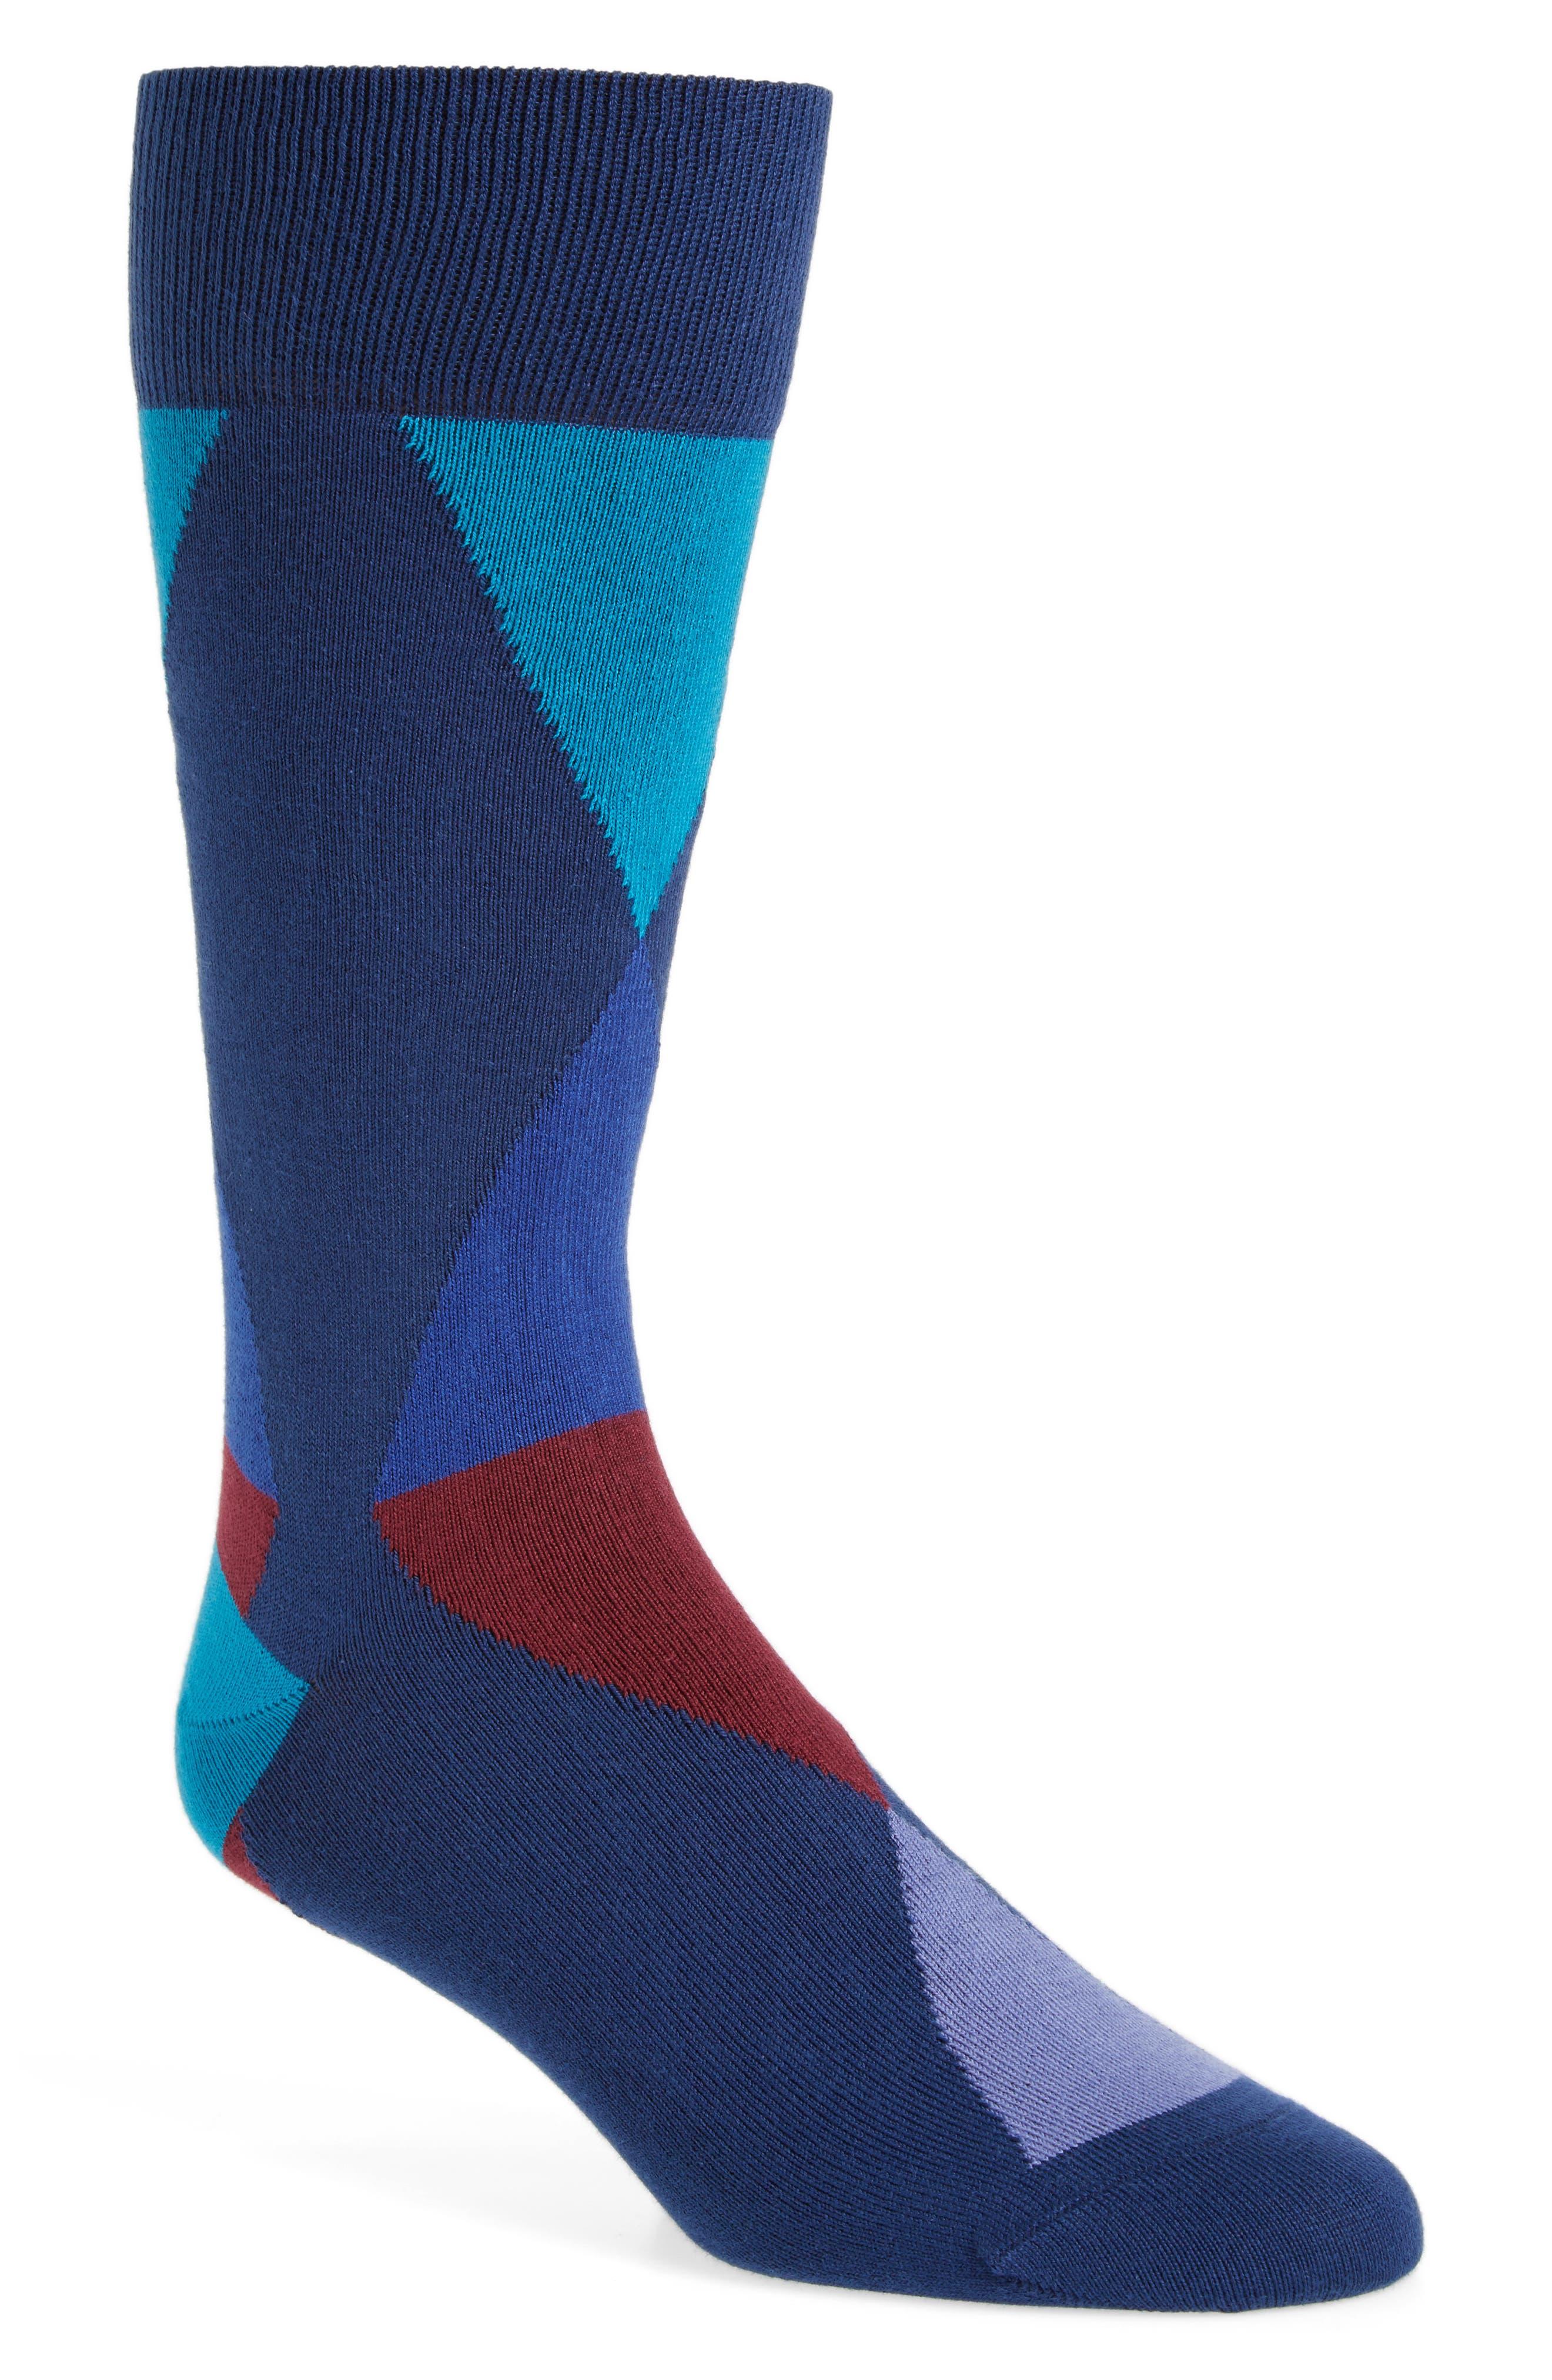 Paul Smith Geo Geometric Socks